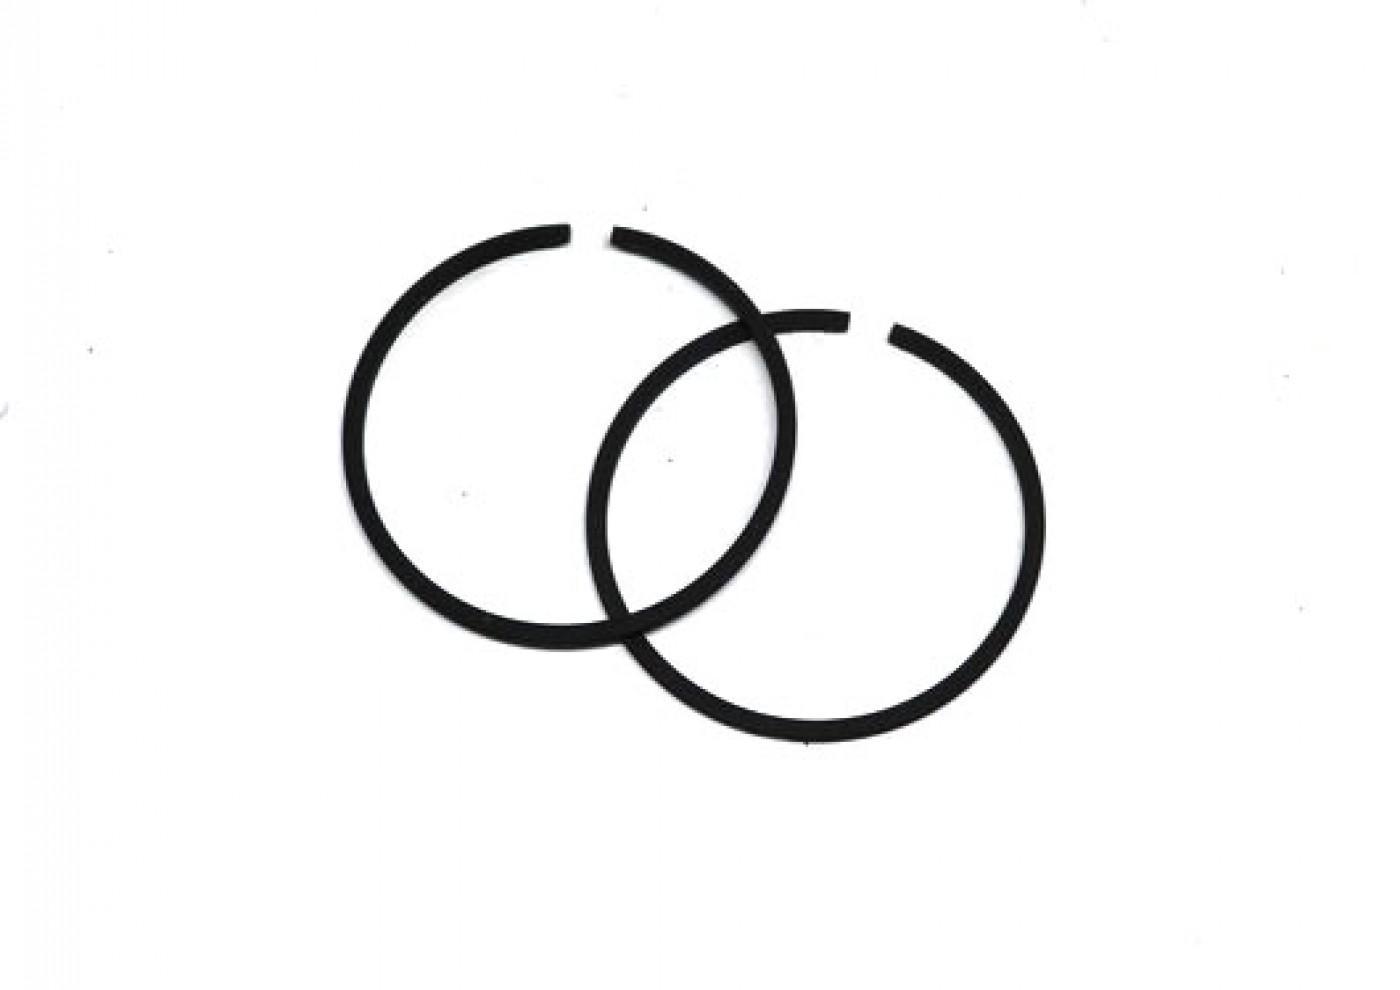 Sada pístních kroužků 38 mm x 1,2 mm